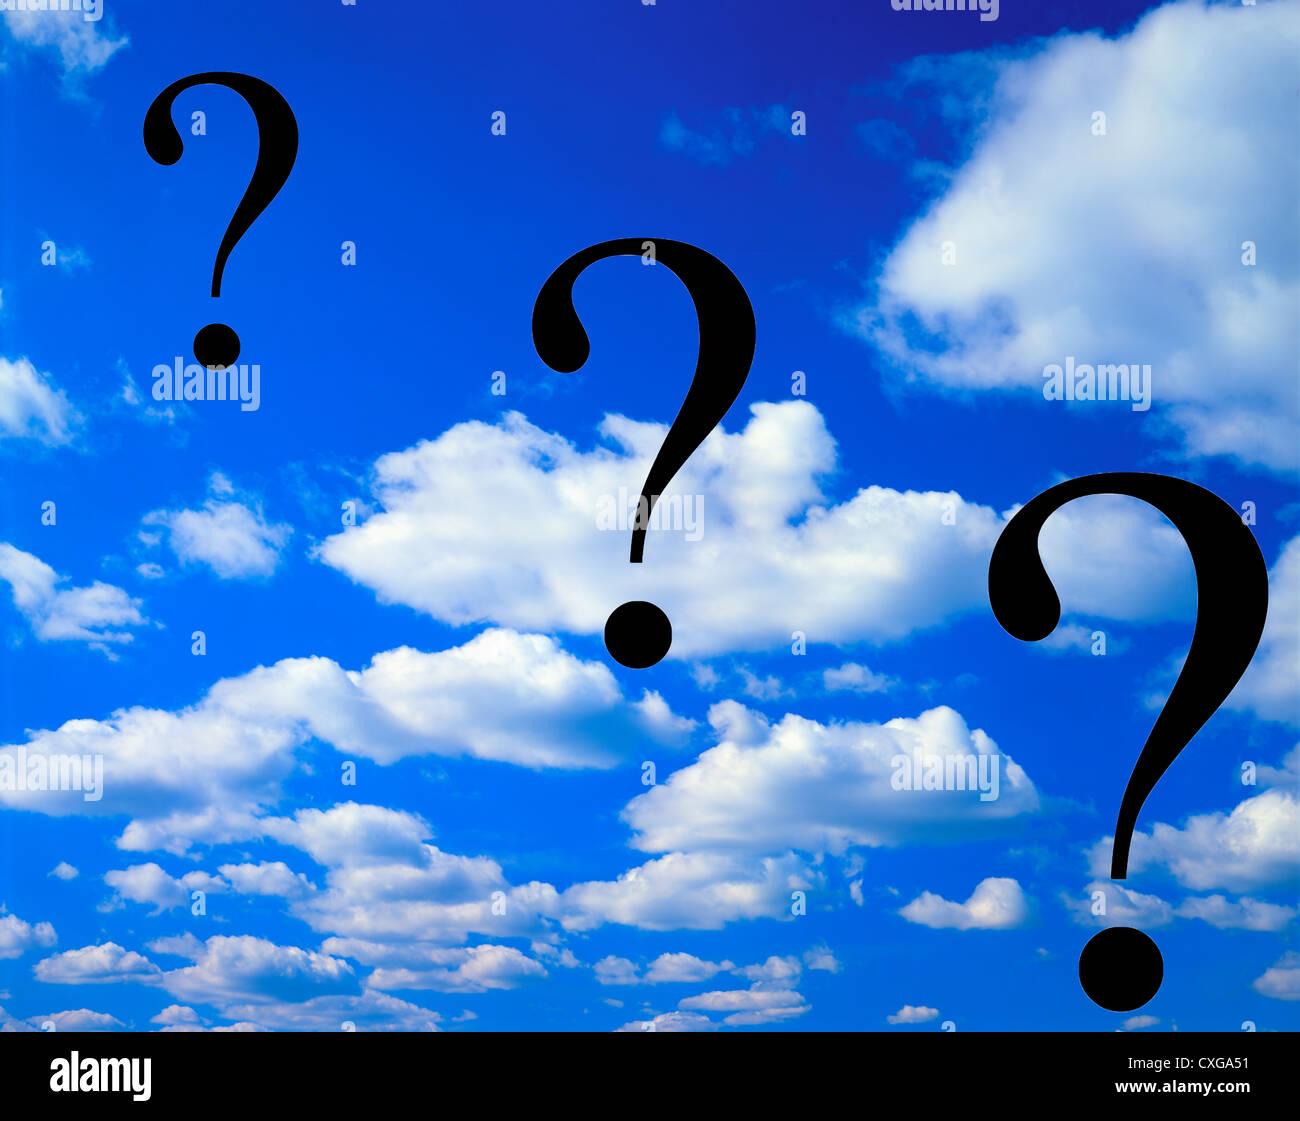 Concepto de cielo azul y nubes blancas con 3 signos de interrogación Imagen De Stock